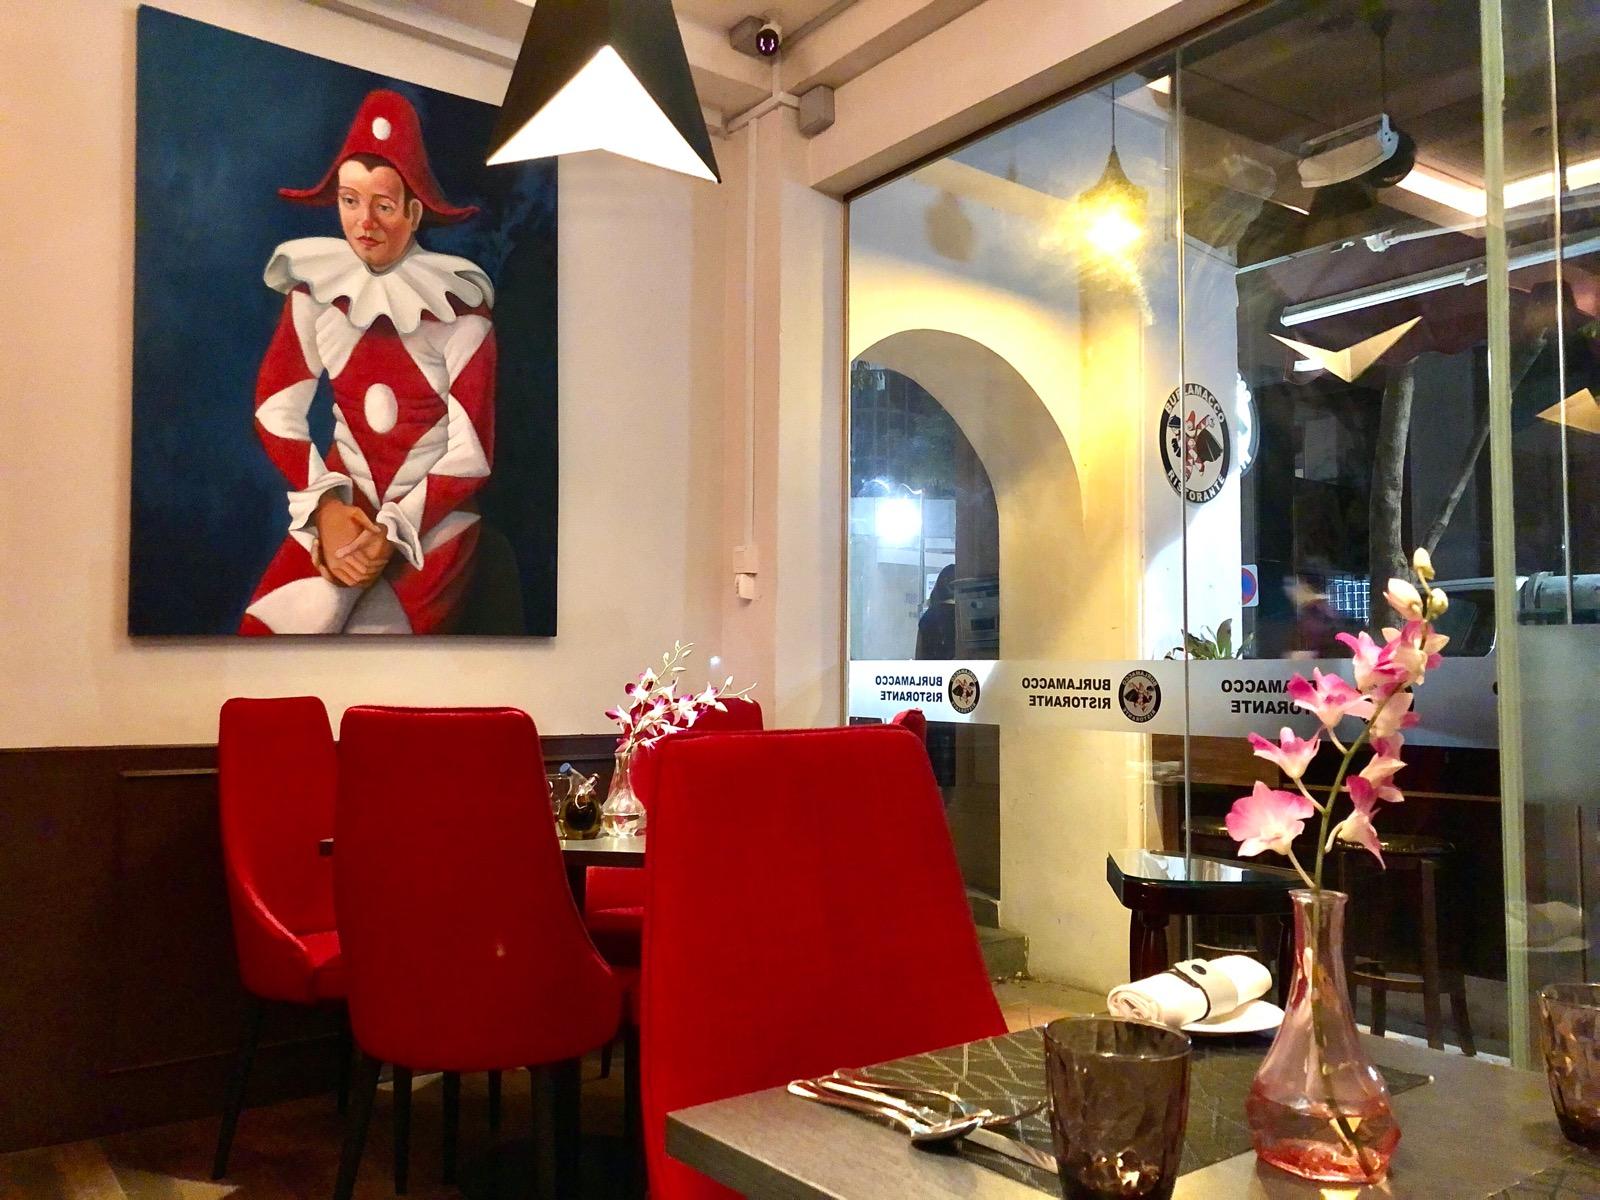 【3月3日にワイン付きスペシャルディナーを開催】人気イタリアンのBurlamaccoで、特別価格$88!